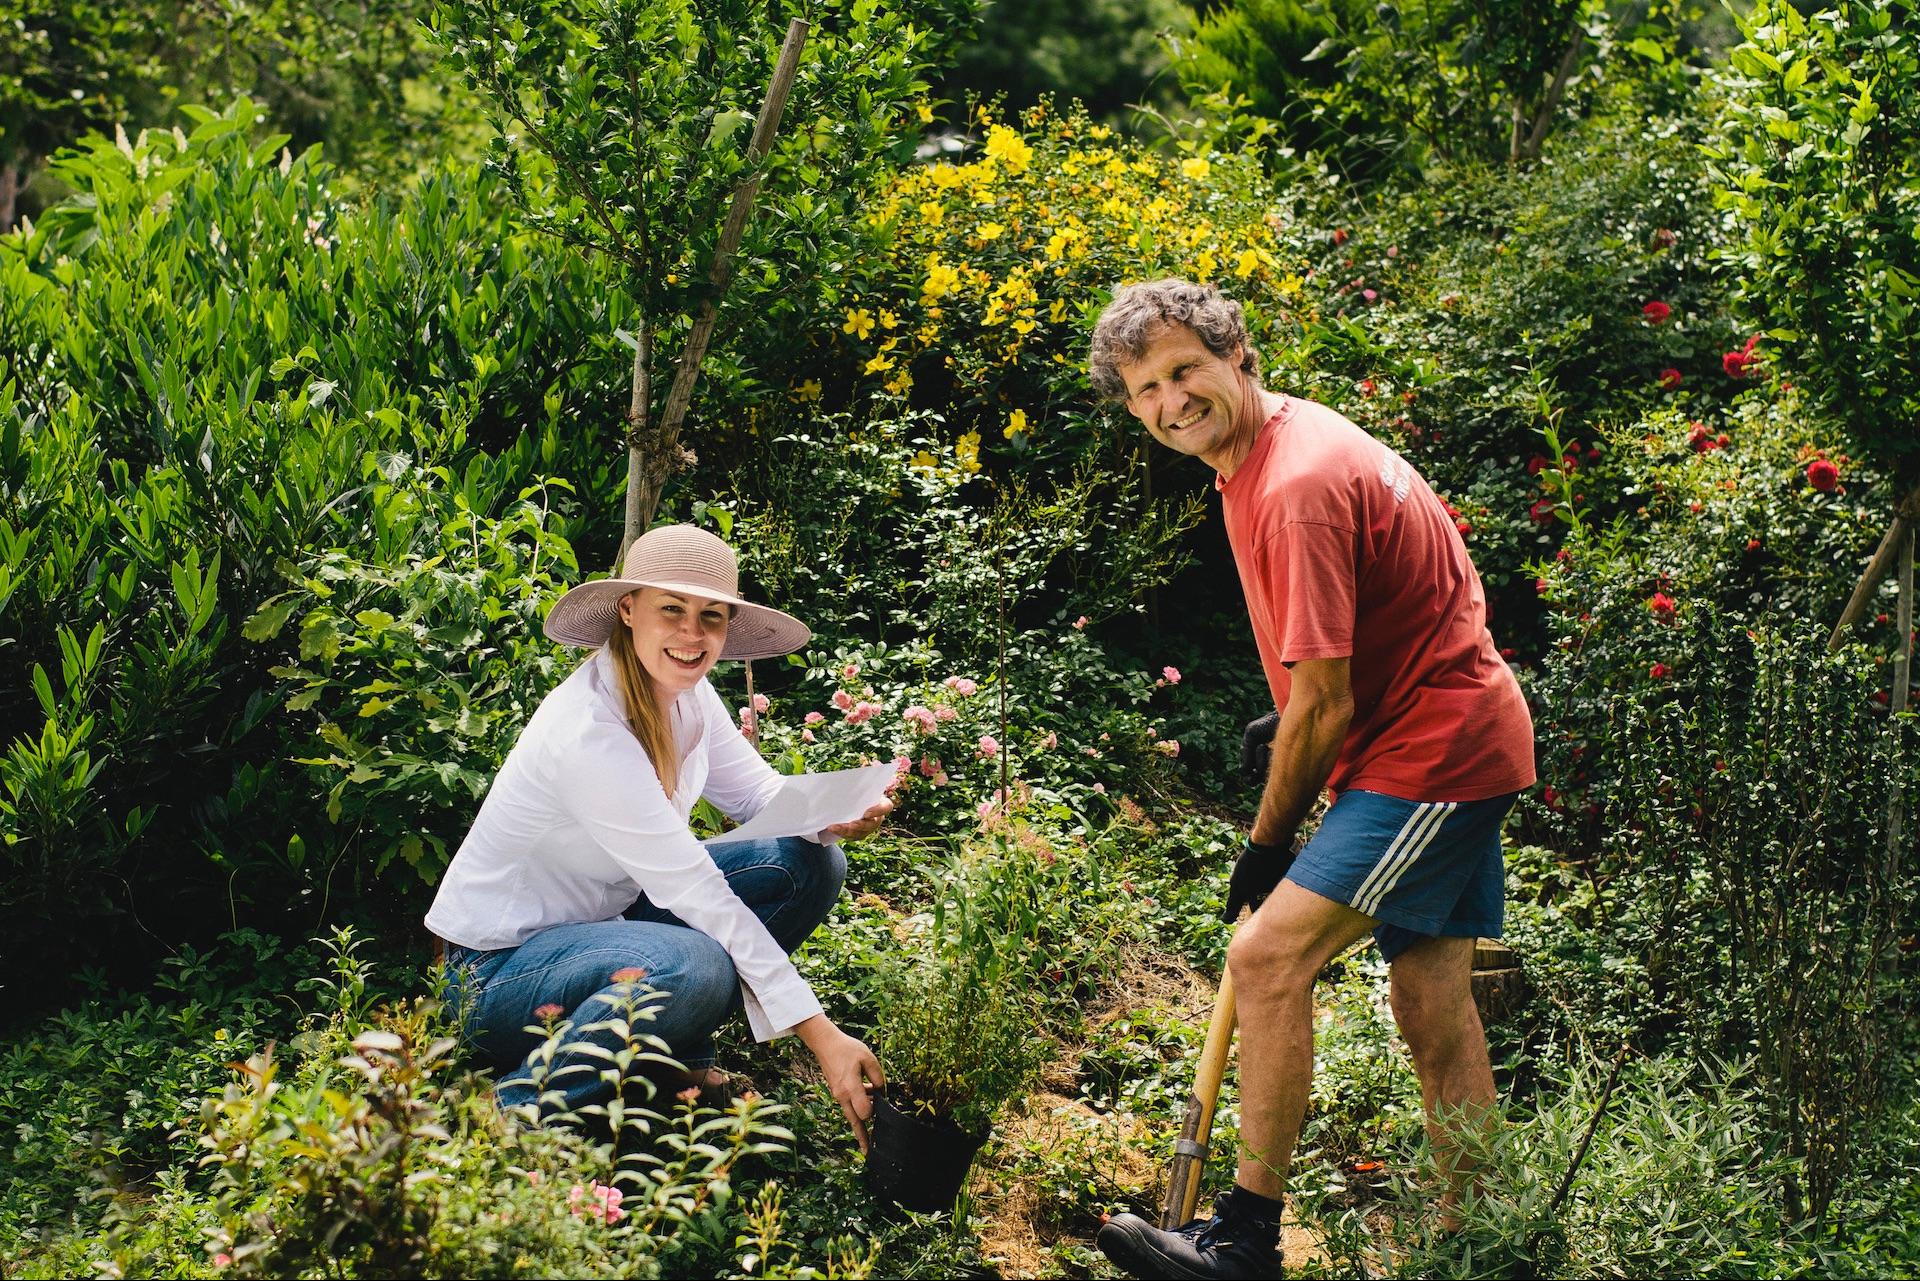 Gartenpflege steurer gartengestaltung for Gartengestaltung john